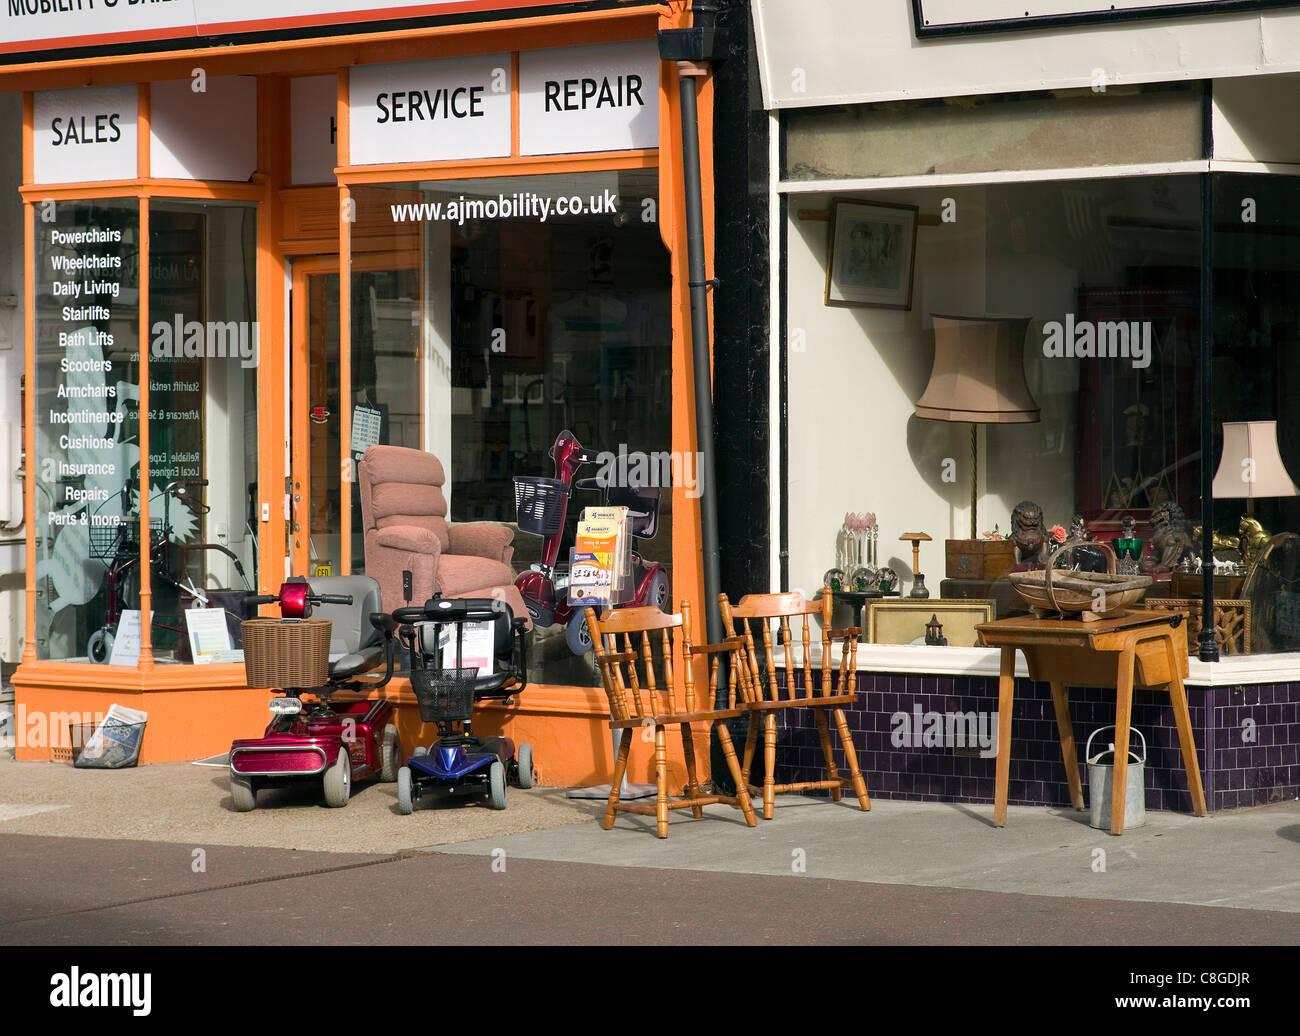 Piccoli negozi che vendono la mobilità scooter utile attrezzature e mobili usati Immagini Stock